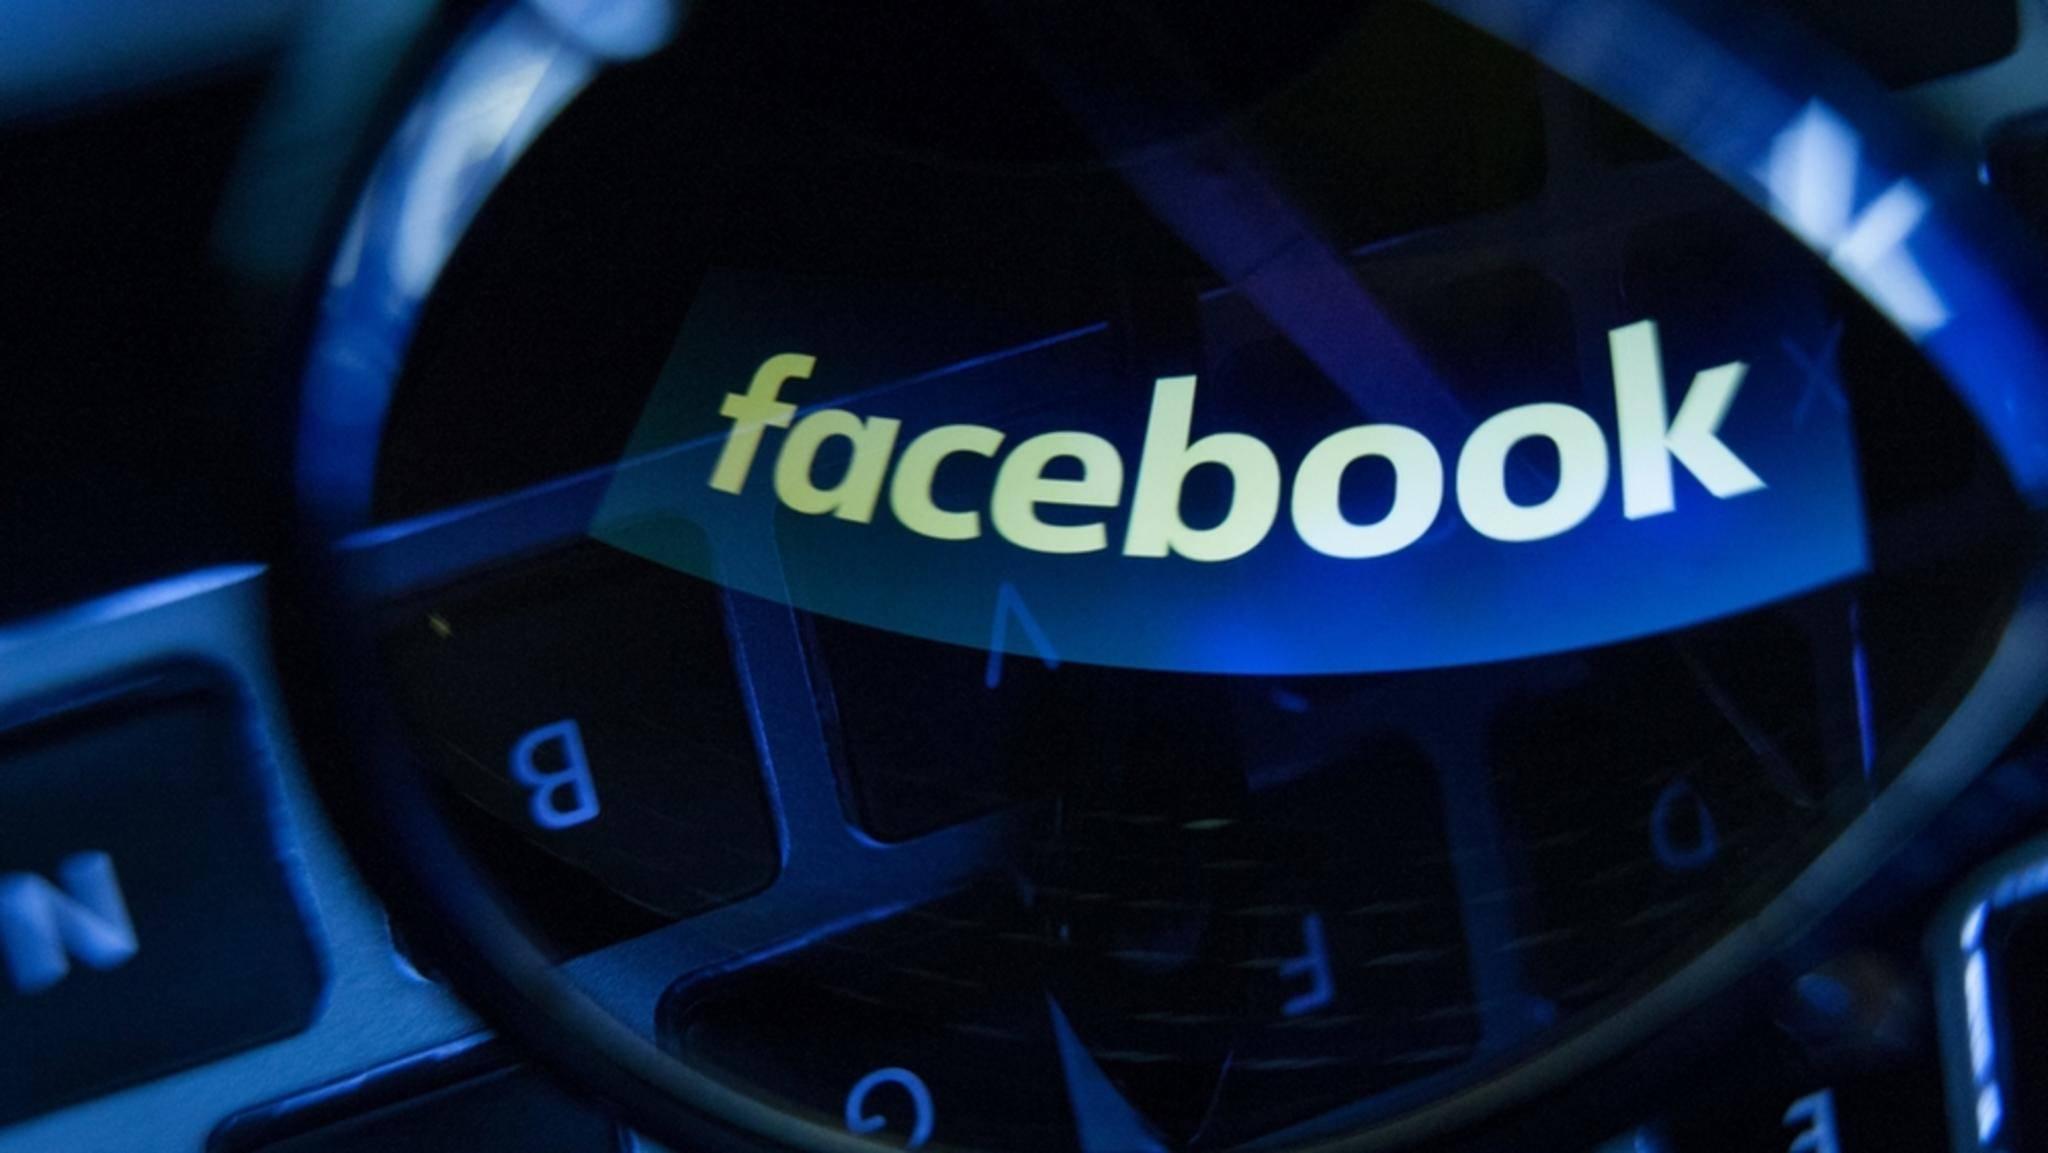 In Facebooks Jahresrückblick gibt das Unternehmen die meistkommentierten Ereignisse des Jahres 2018 bekannt.